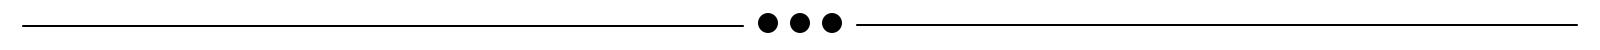 divider bar dots updated.jpg